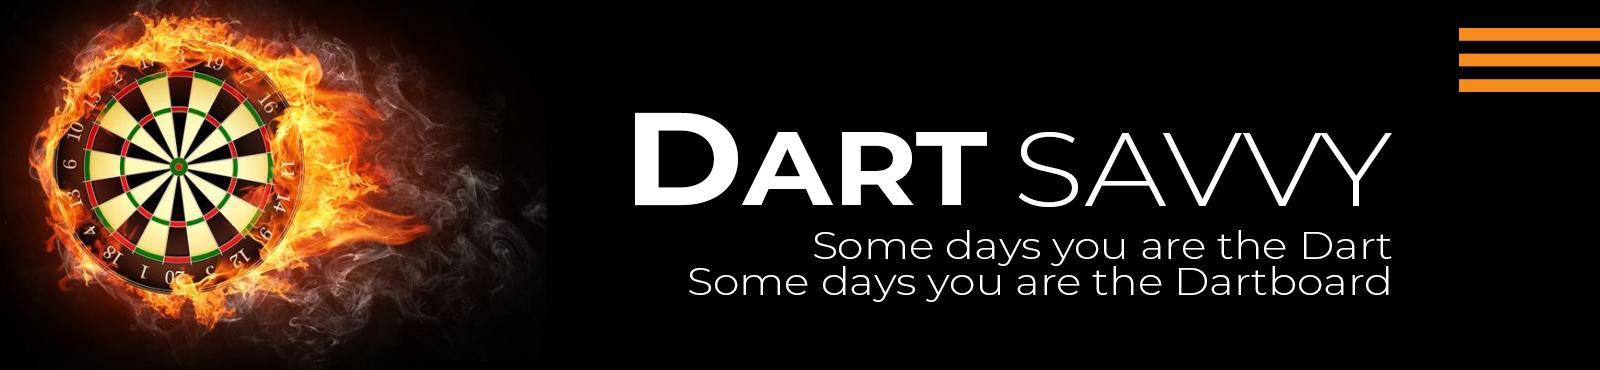 main banner of dart savvy